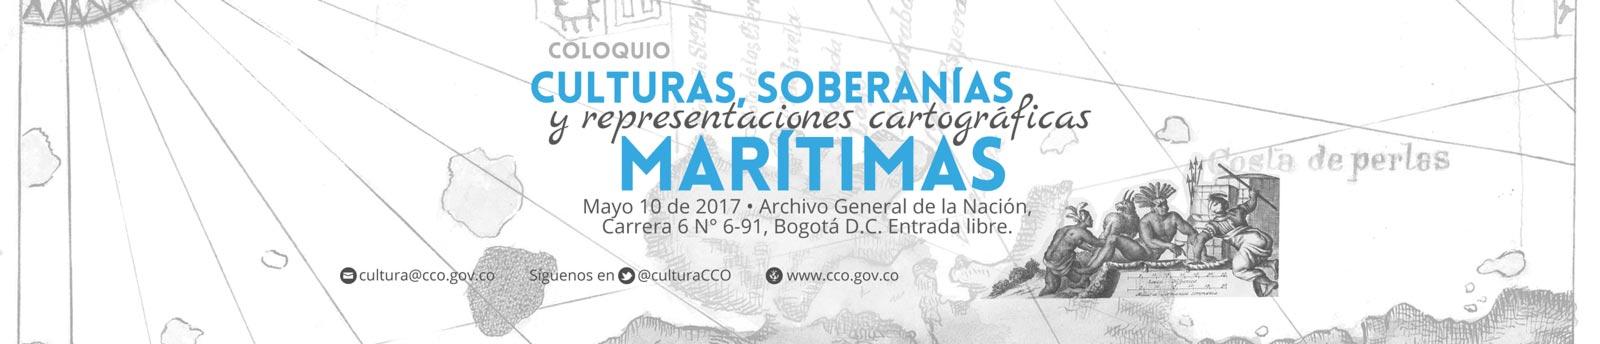 Coloquio 2017: Culturas, Soberanías y representaciones cartográficas Marítimas